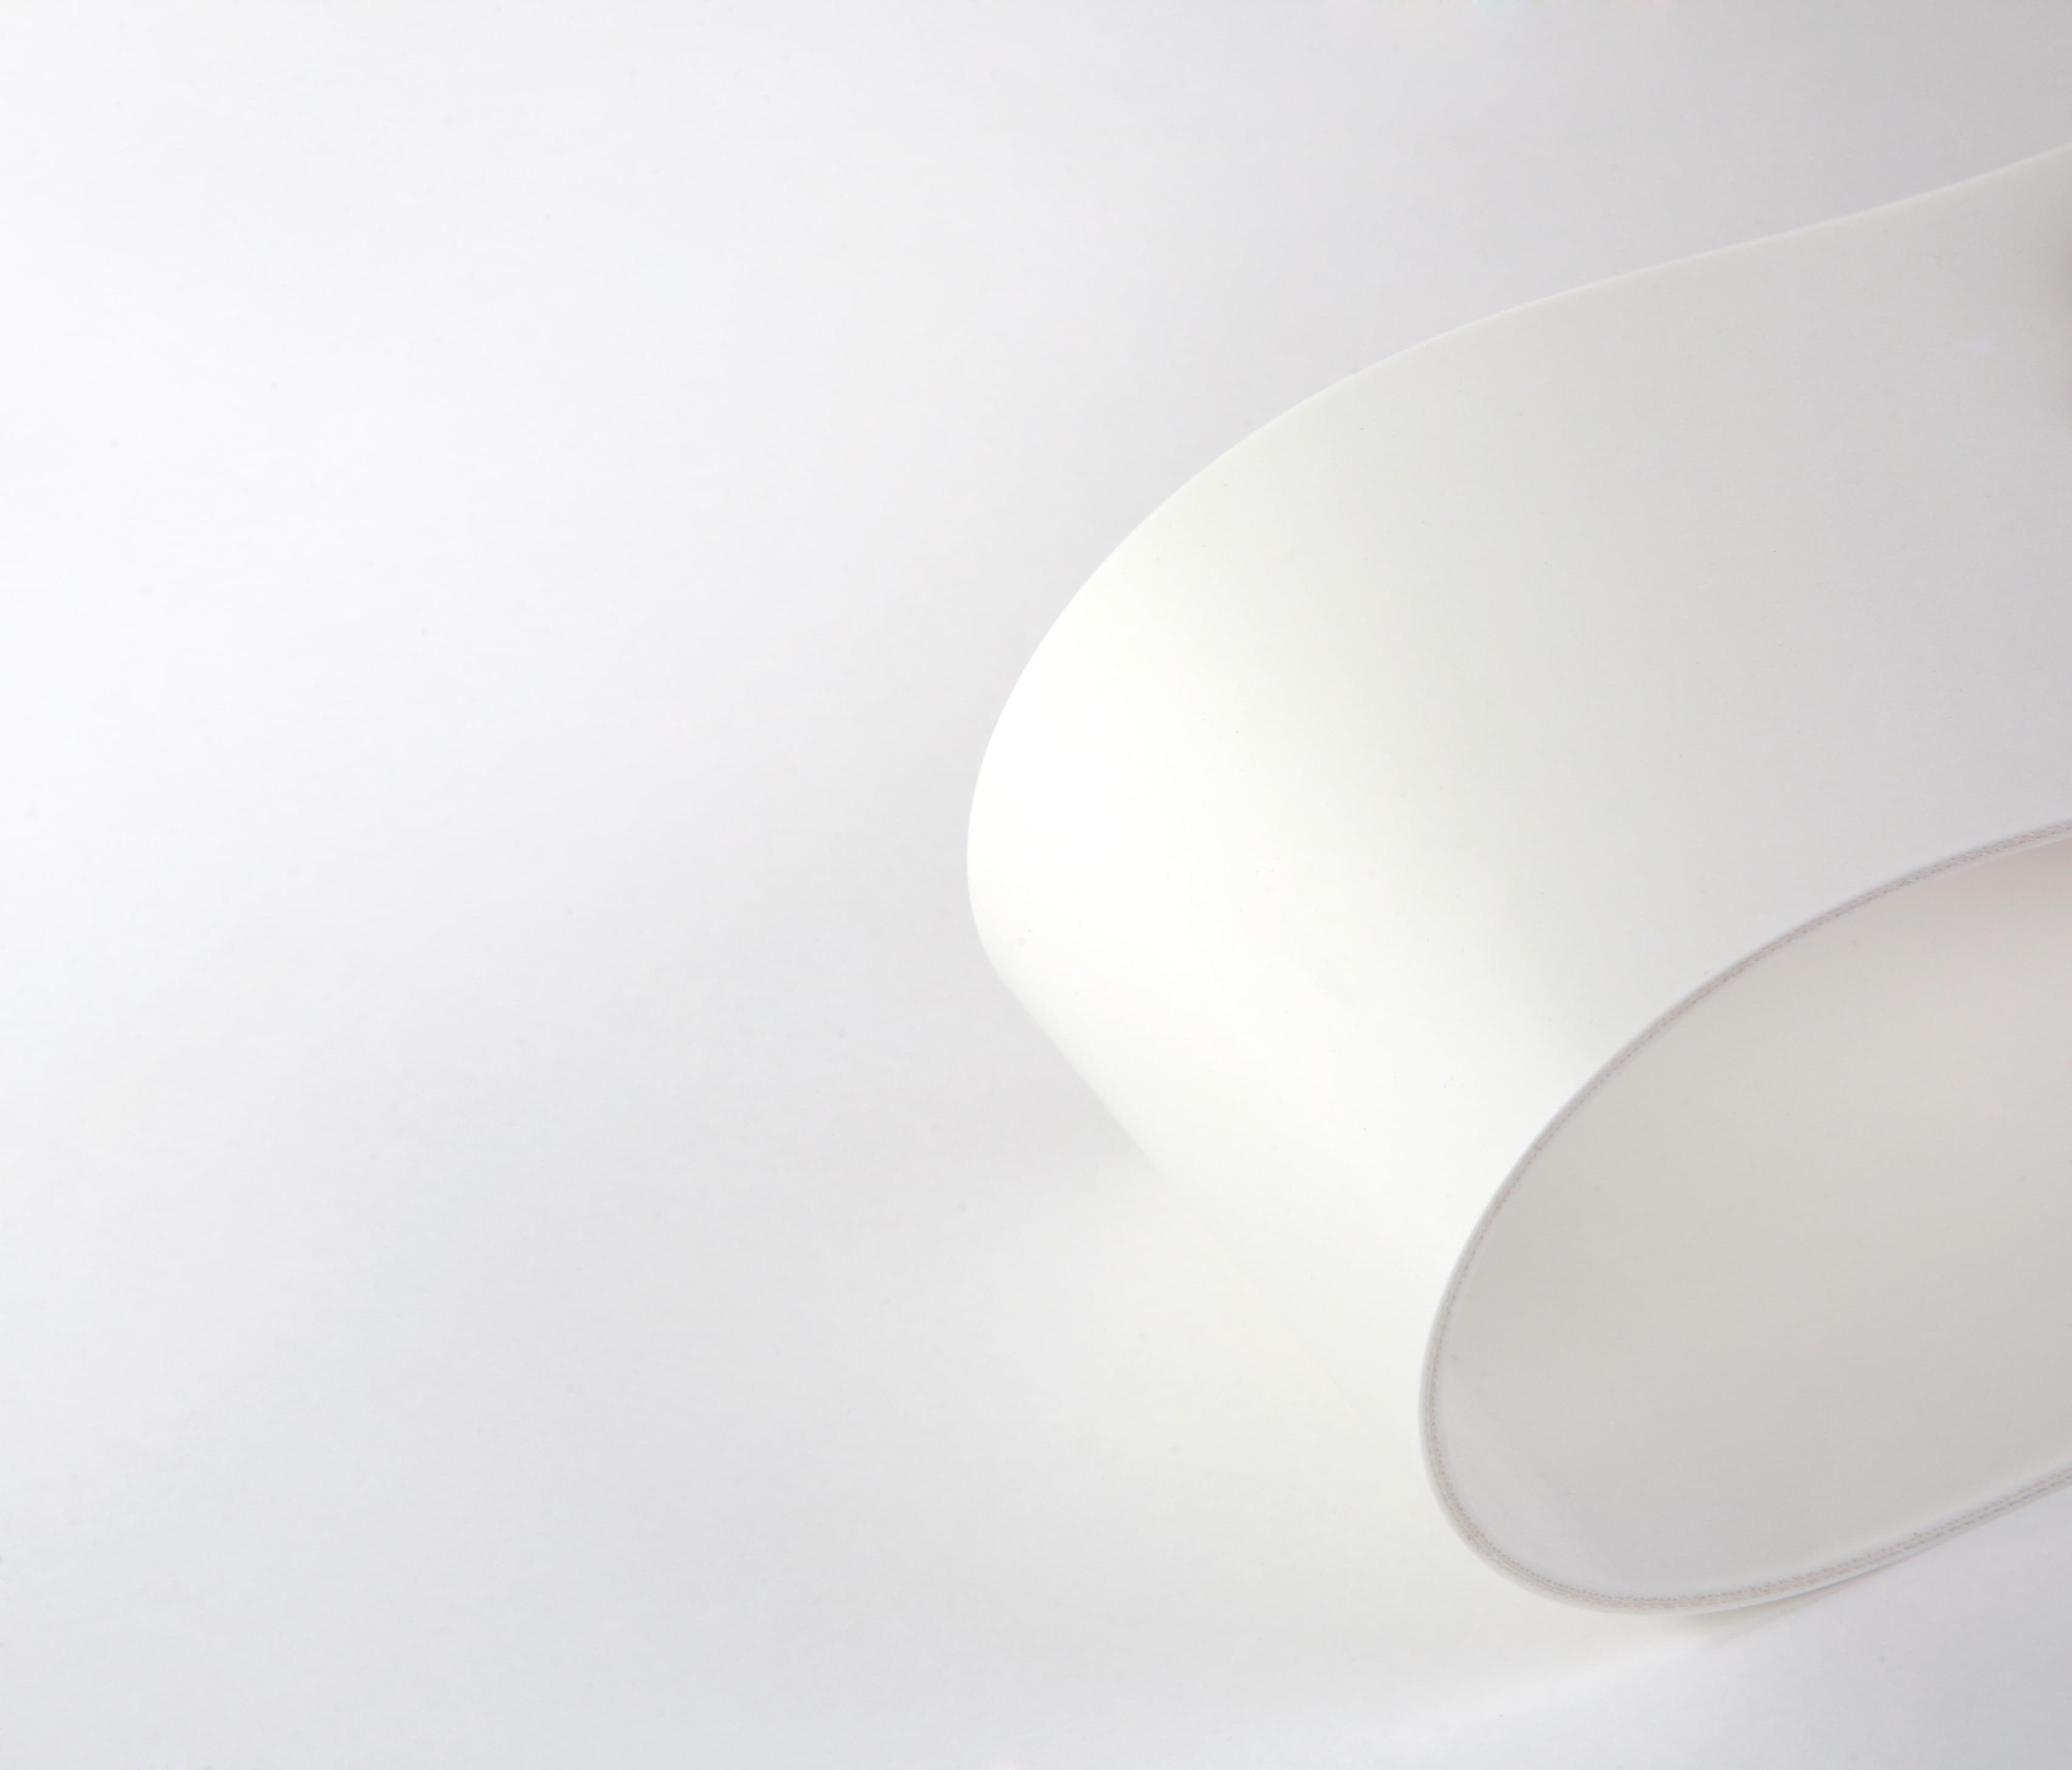 correia sanitária de duas lonas em PVC branco com cobertura dupla face